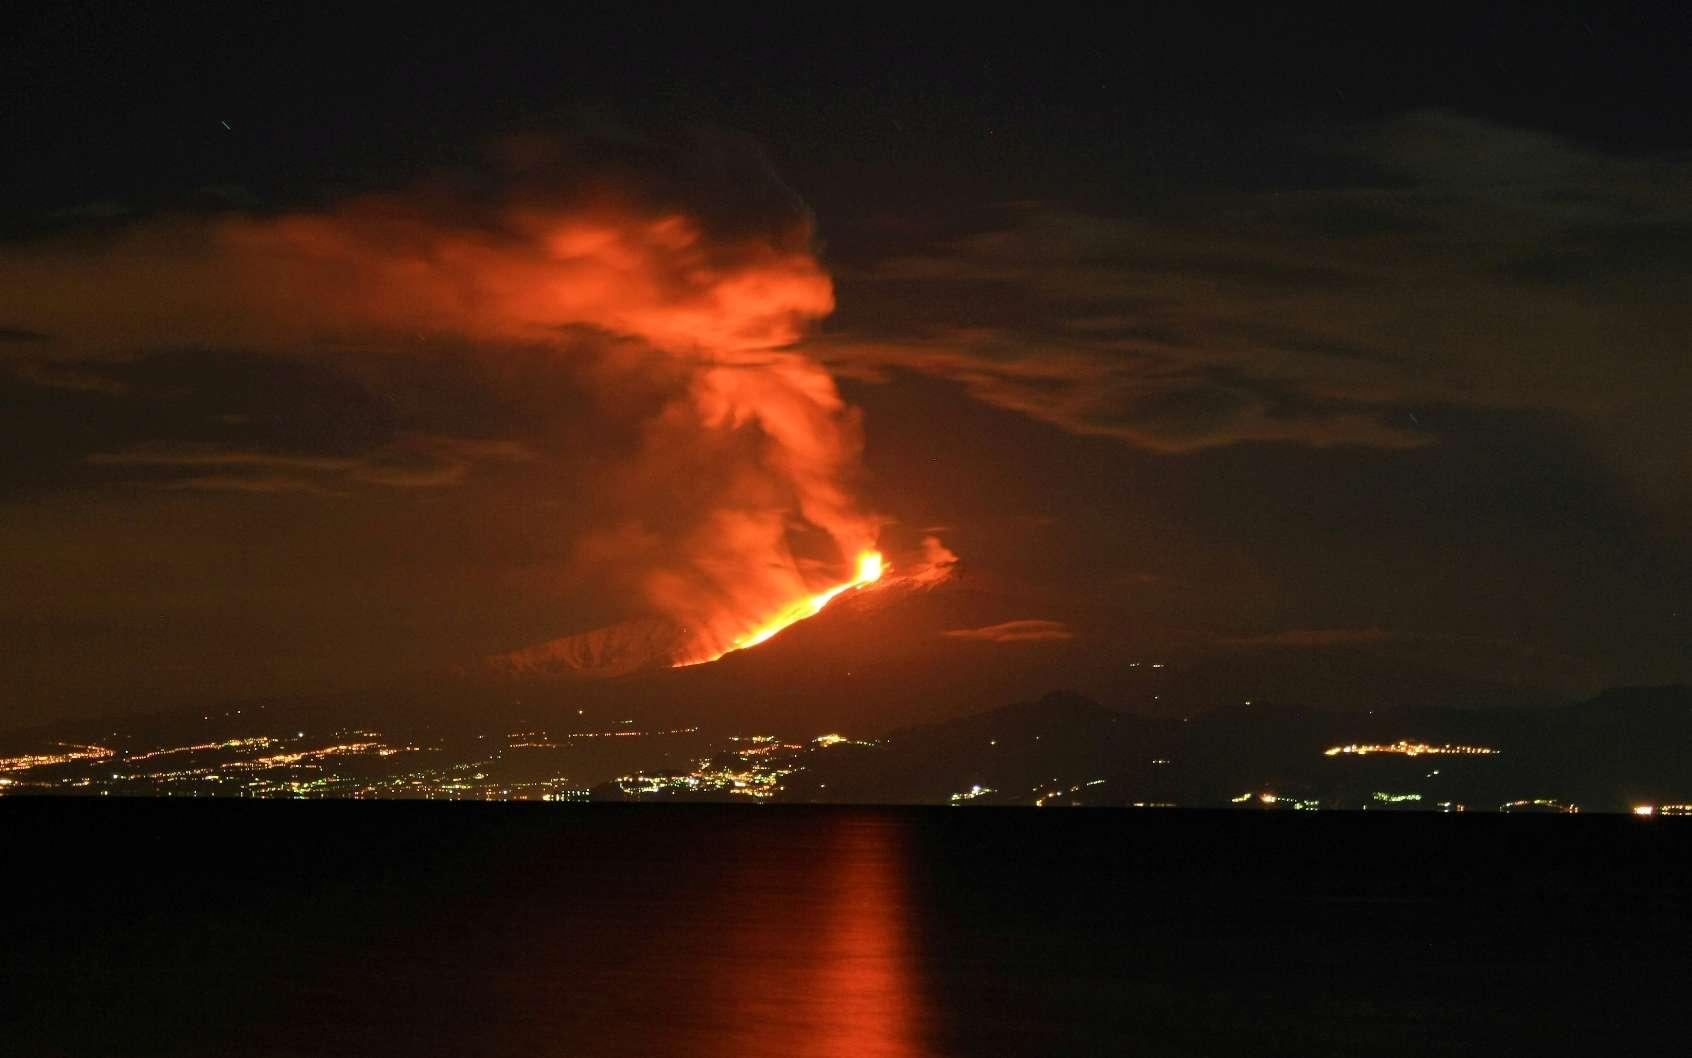 Éruption de l'Etna le 13 janvier 2011. © Cirimbillo, CC by-sa 3.0